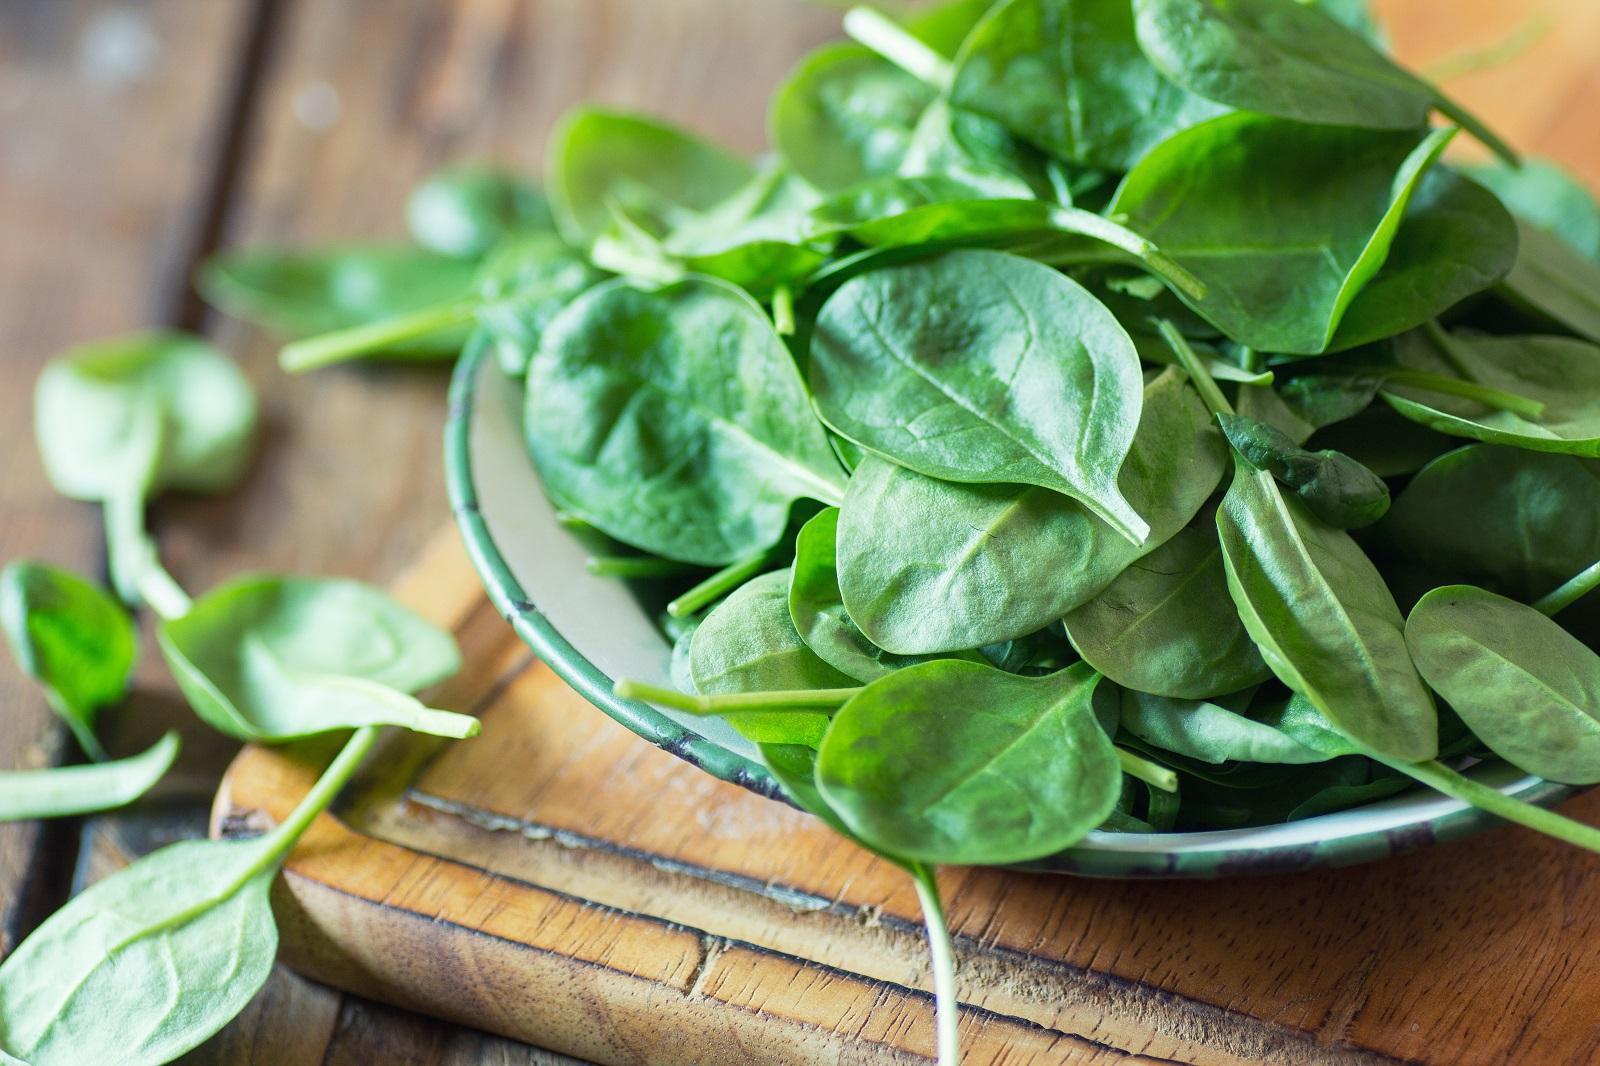 Añadimos las hojas de espinaca fresca